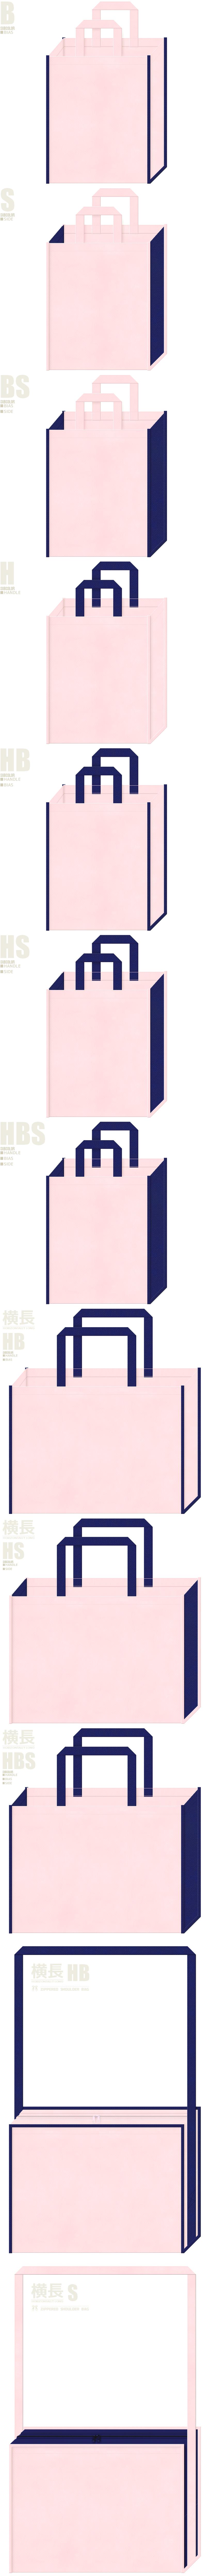 夏浴衣・学校・学園・オープンキャンパス・学習塾・レッスンバッグにお奨めの不織布バッグデザイン:桜色と明るい紺色の配色7パターン。